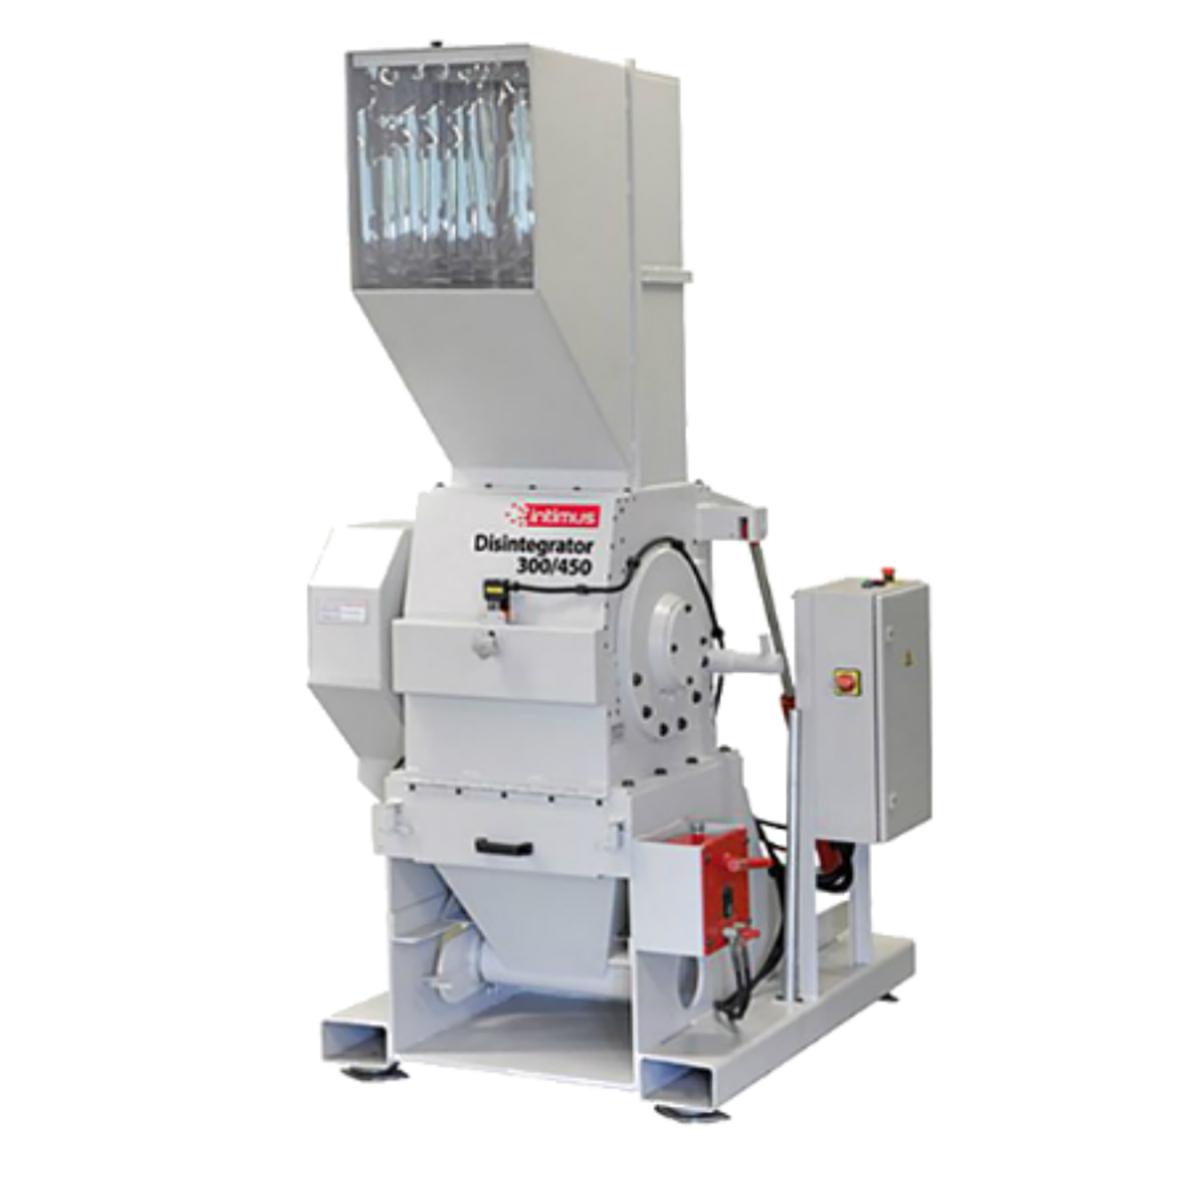 Intimus DIS 300-450 Disintegrator